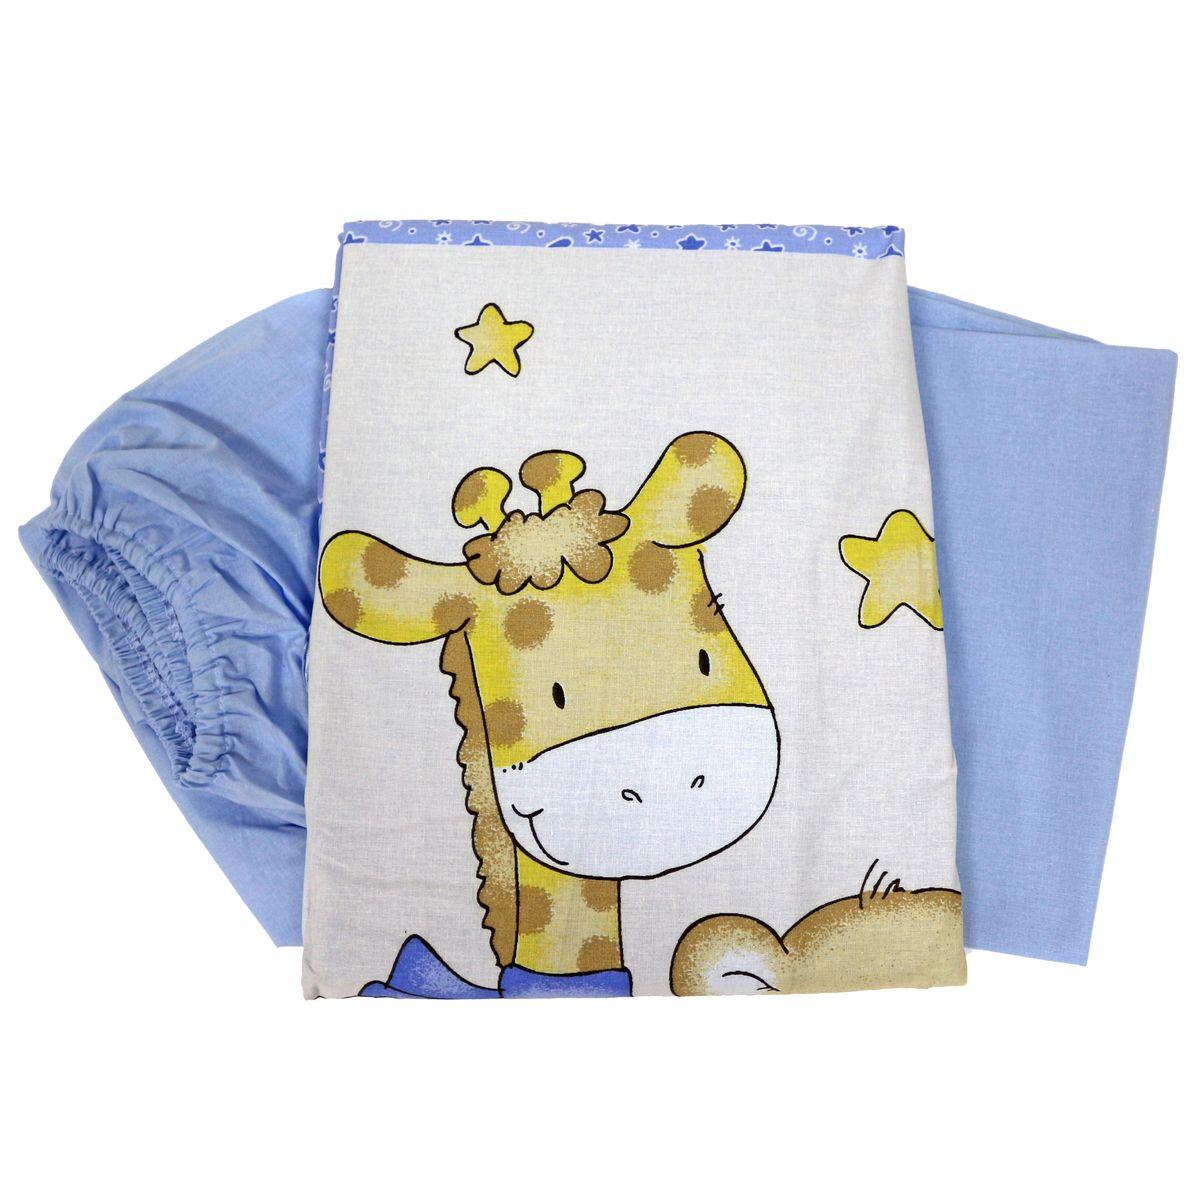 Топотушки Комплект детского постельного белья Детский Мир цвет голубой 3 предмета531-105Сменный комплект постельного белья из 3 предметов для детской кроватки.Комплект создает для Вашего ребенка уют, комфорт и безопасную среду с рождения; современный дизайн и цветовые сочетания помогают ребенку адаптироваться в новом для него мире. Комплекты «Топотушки» хорошо вписываются в интерьер, как детской комнаты, так и в спальни родителей.Как и все изделия «Топотушки» данный комплект отражает самые последние технологии, является безопасным для малыша и экологичным. Российское происхождение комплекта гарантирует стабильно высокое качество, соответствие актуальным пожеланиям потребителей, конкурентоспособную цену.Комплектация: Наволочка 40х60см, пододеяльник 147х112см, простынь на резинке 120х60см